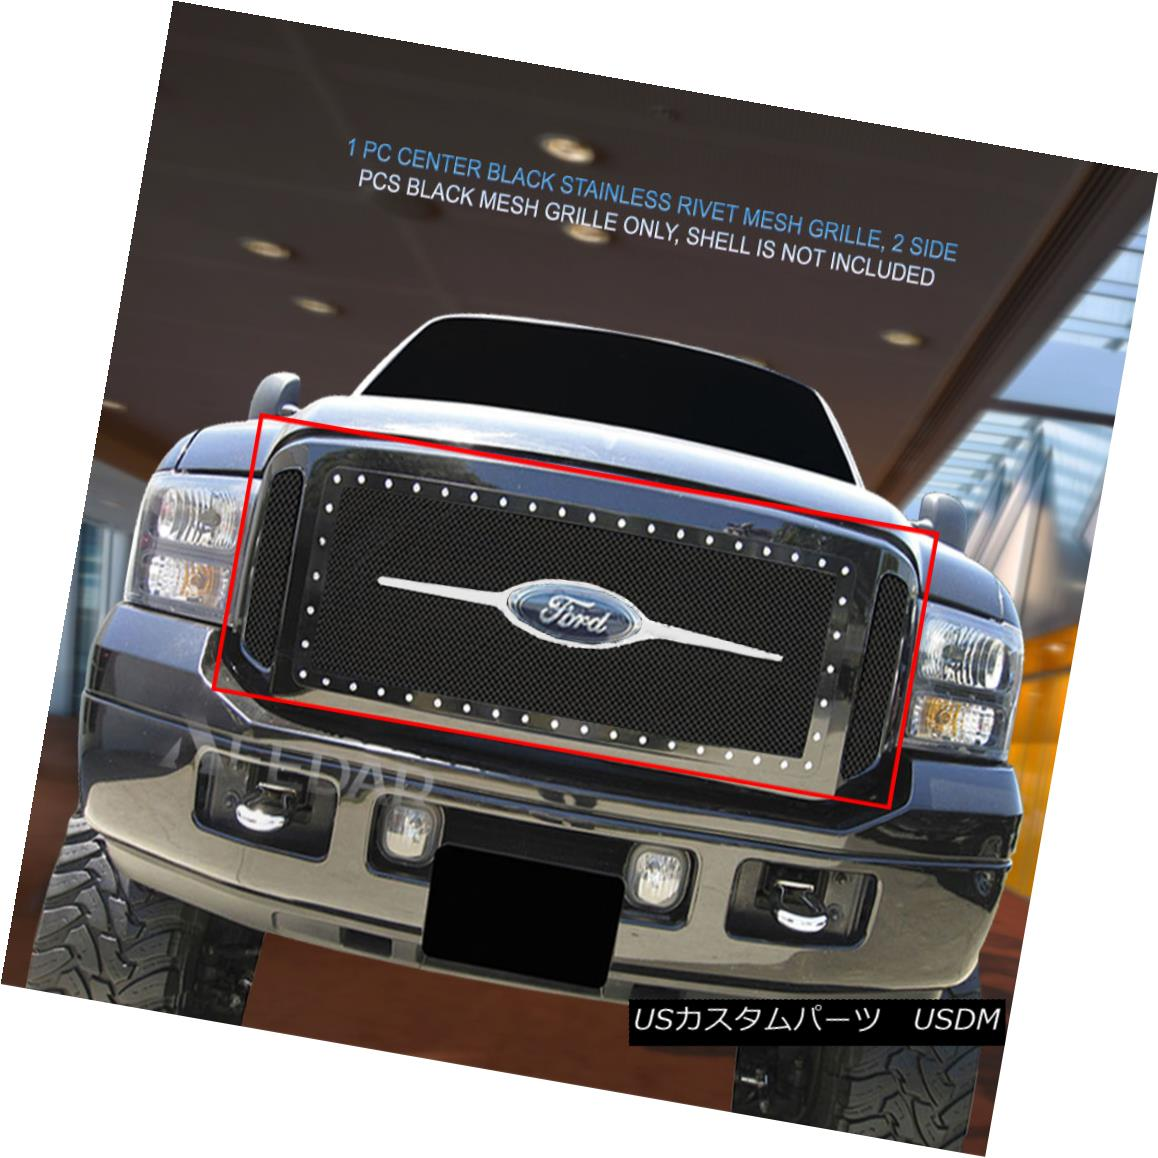 グリル Fedar 05-07 Ford F-250 F350 F450 F550 Upper Black Stainless Rivet Mesh Grille Fedar 05-07フォードF-250 F350 F450 F550アッパーブラックステンレスリベットメッシュグリル